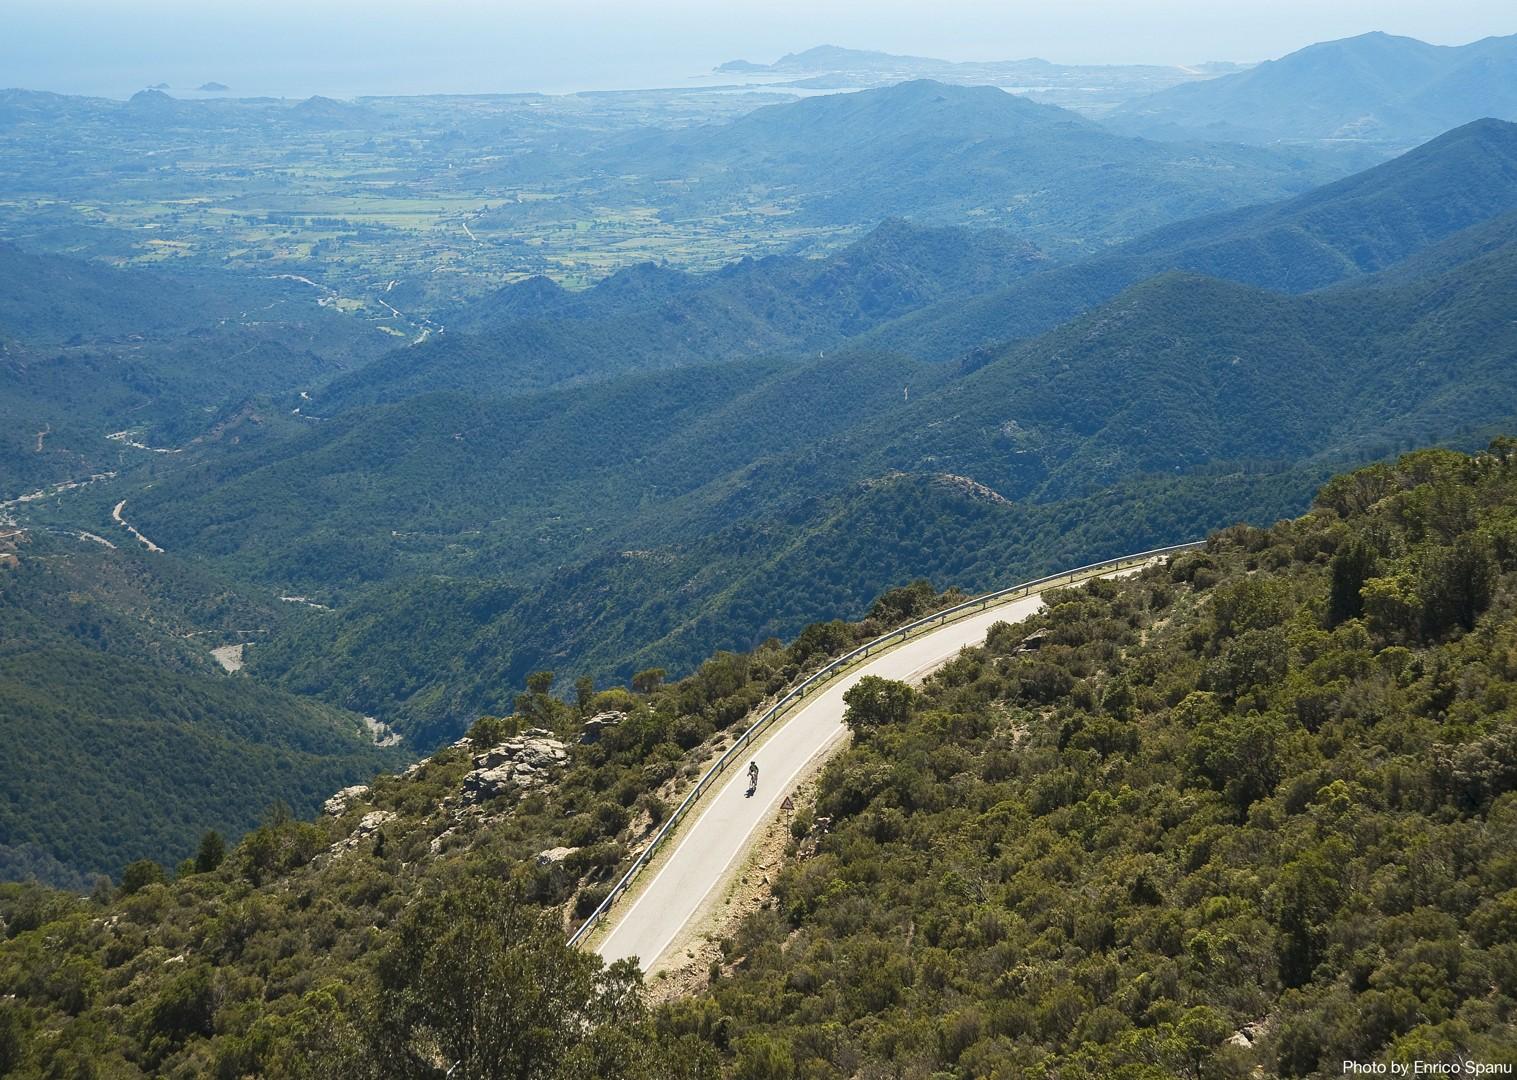 Road-Cycling-Holiday-Italy-Sardinia-Sardinian-Mountains-Mountain-roads.jpg - Italy - Sardinia - Sardinian Mountains - Guided Road Cycling Holiday - Road Cycling